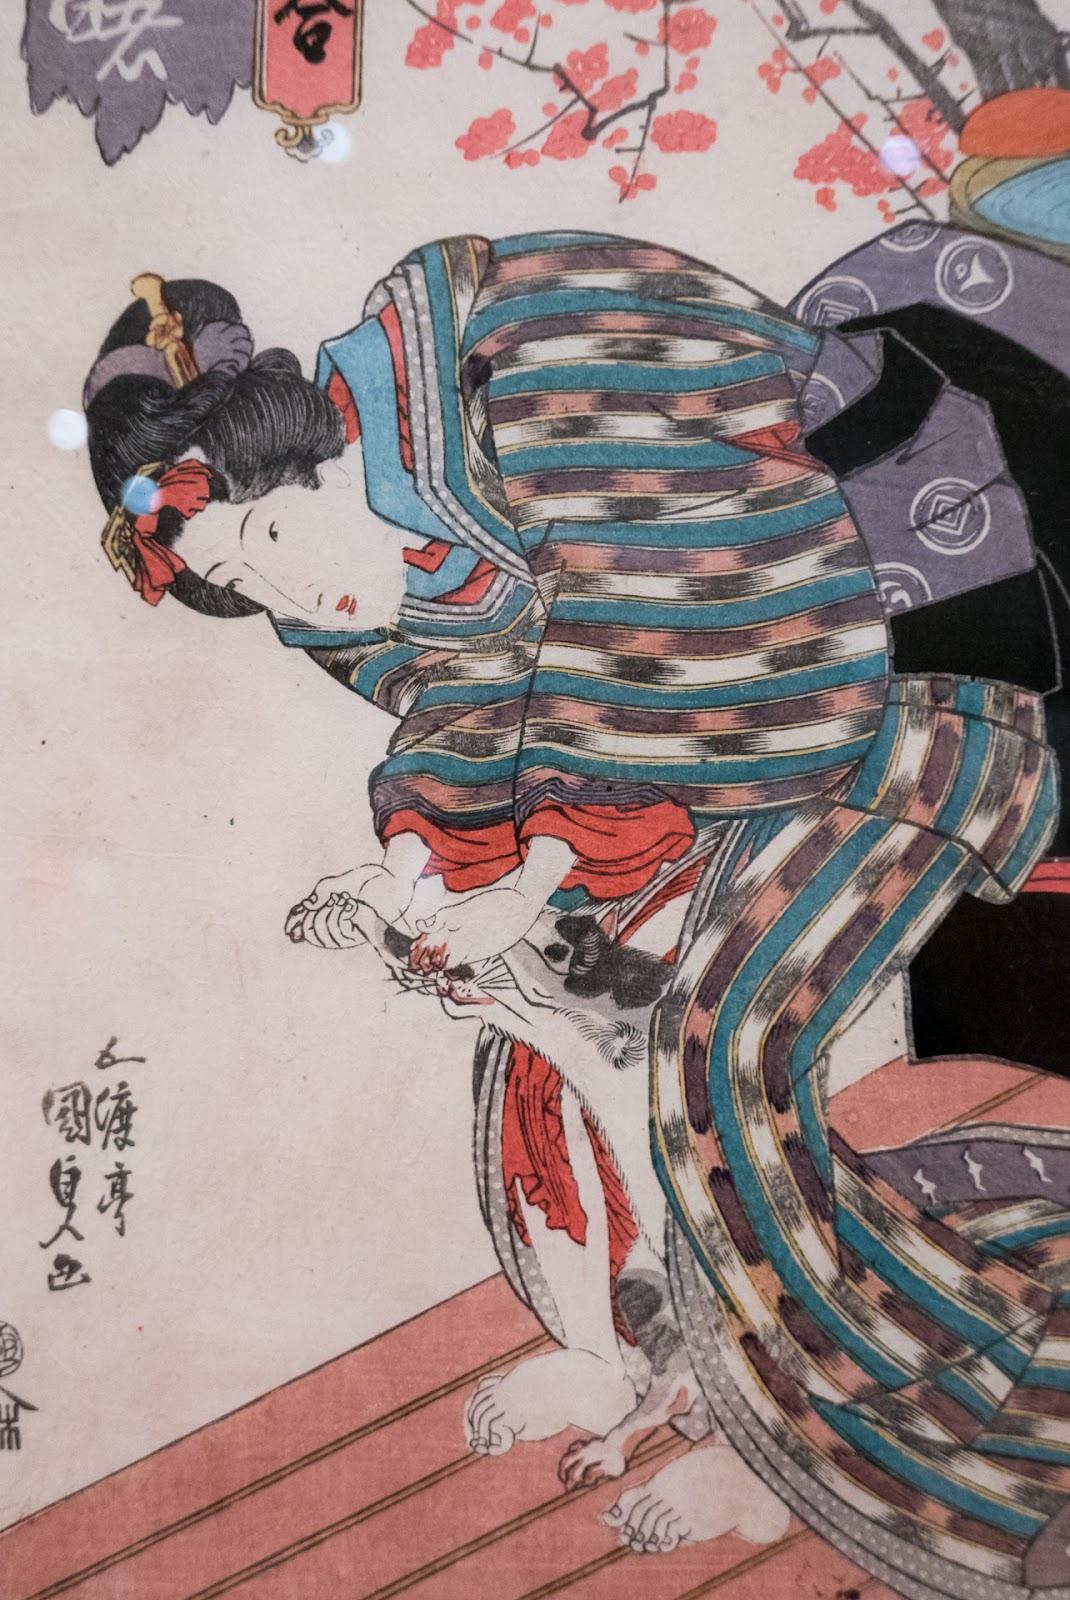 神戸市立博物館 浮世絵展 ~俺たちの国芳 わたしたちの国貞~ - ゆうの